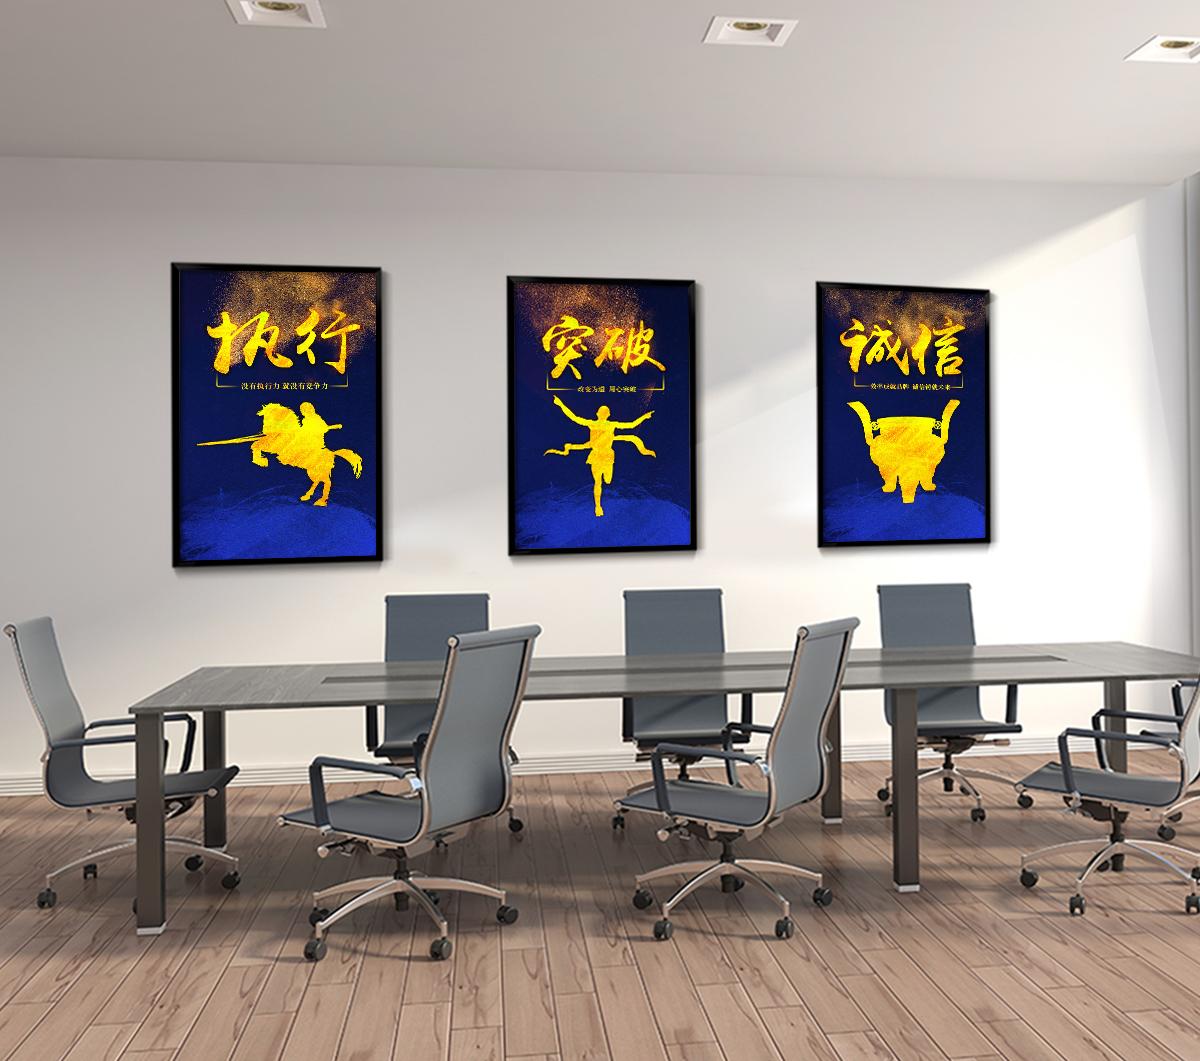 企业文化 展板 PSD模板源文件下载